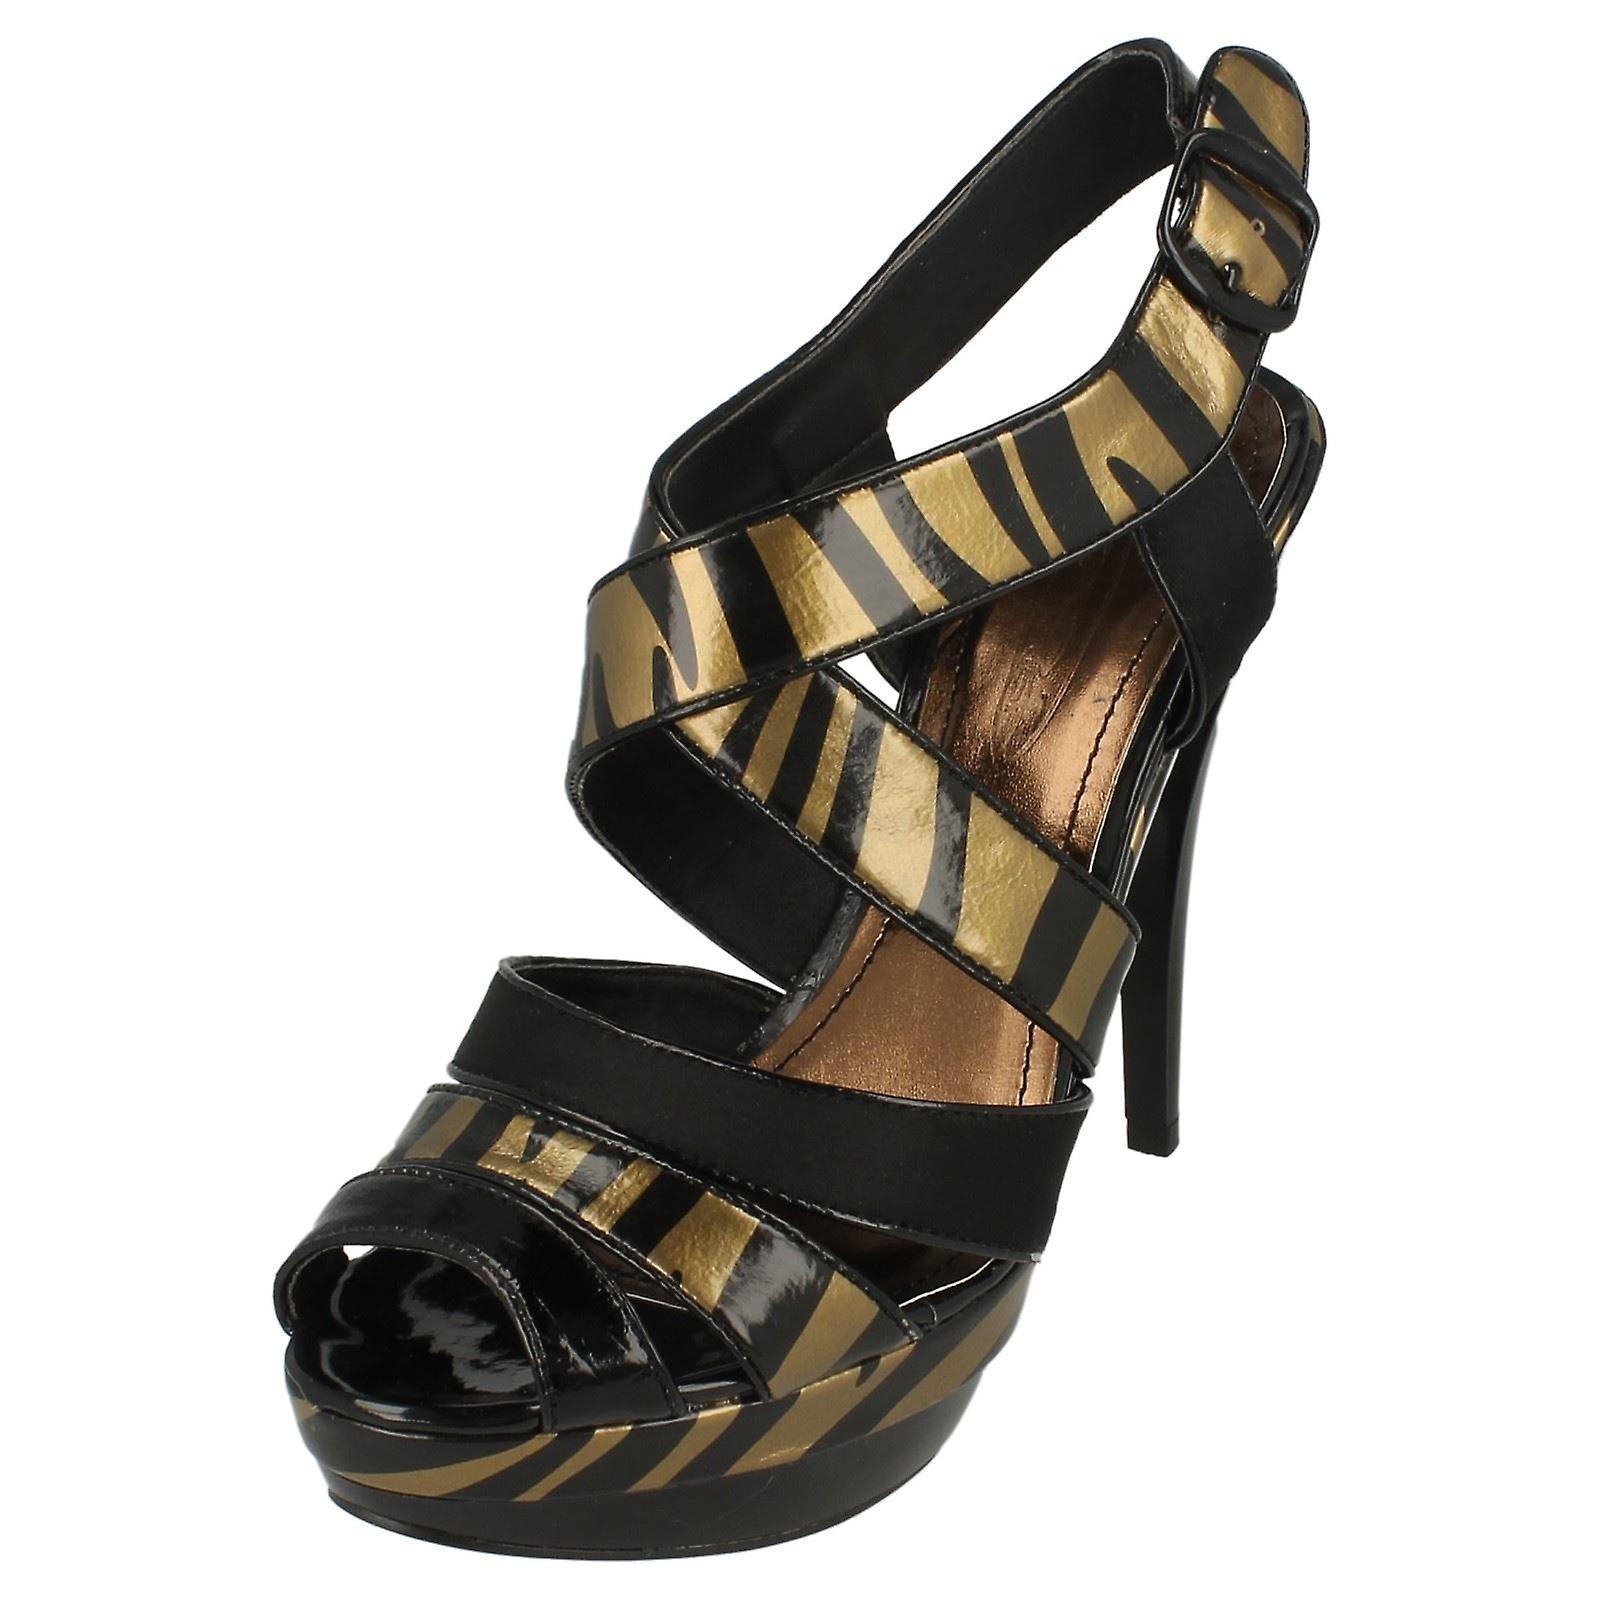 Panie miejscu na wydruku paski sandały obcasie Zebra KaUiL